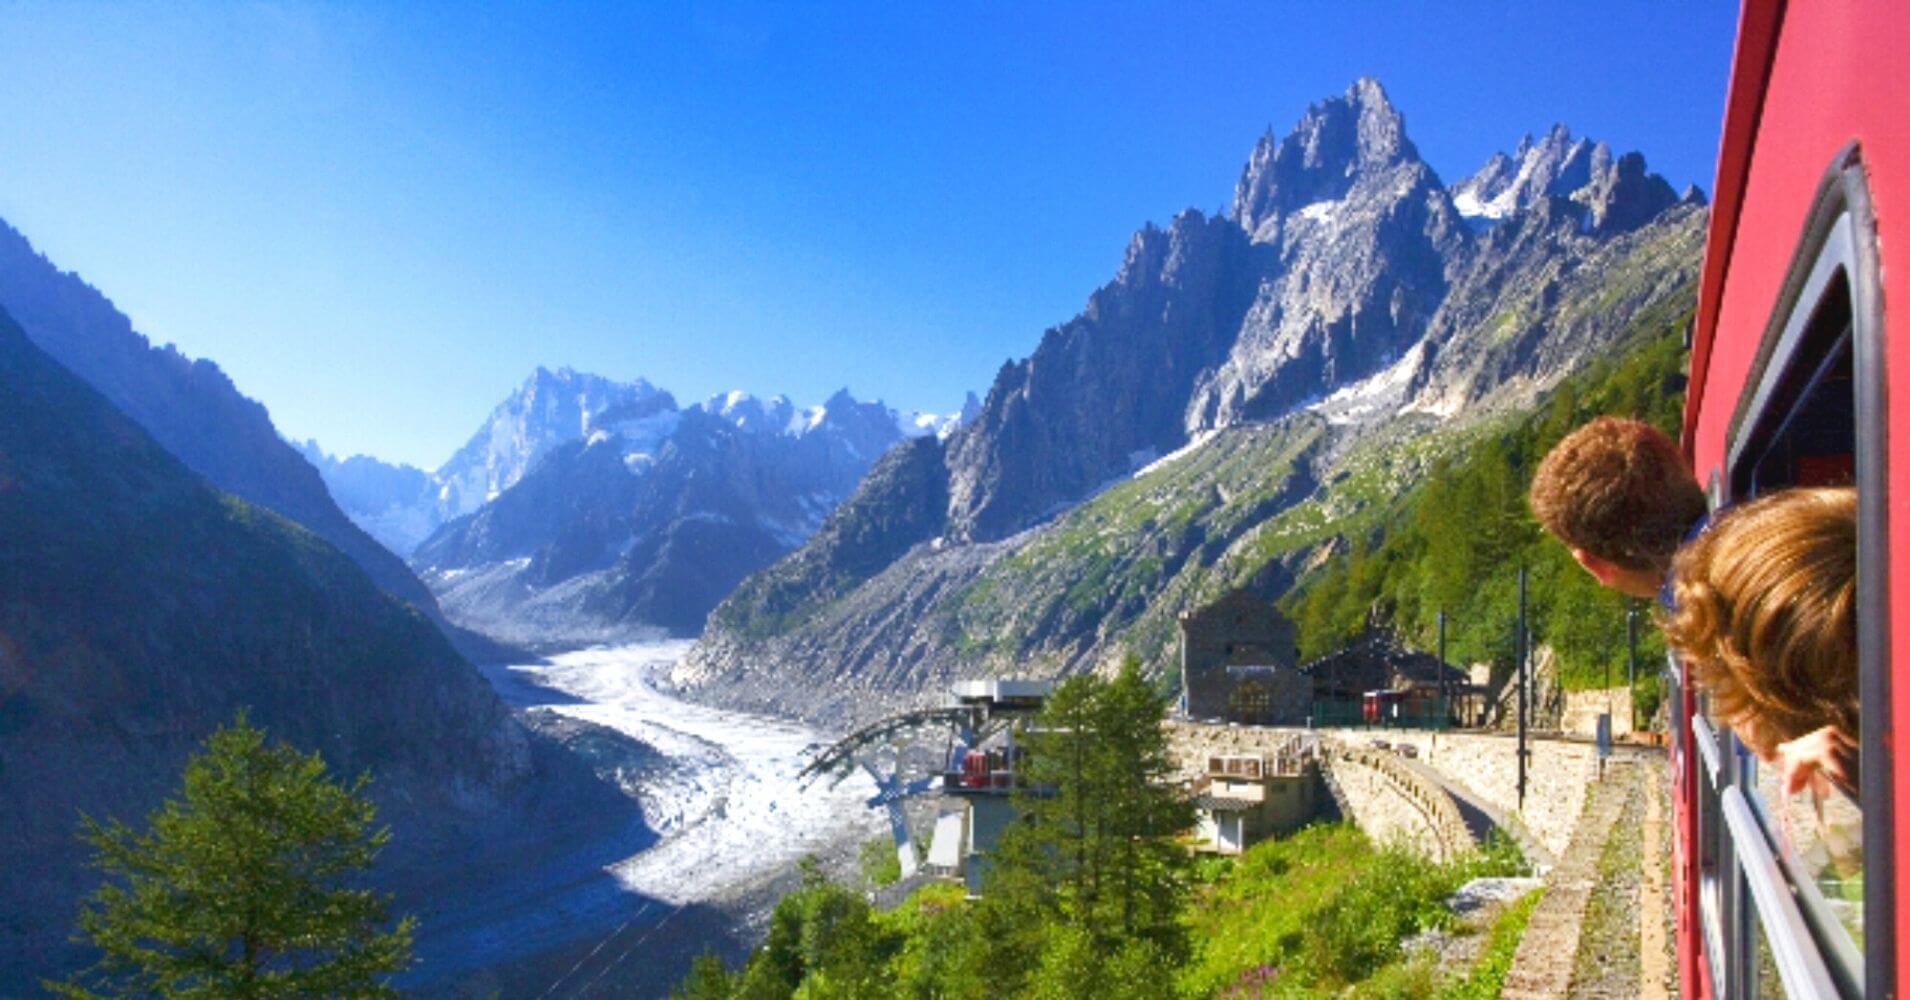 Ferrocarril de Montenvers. Chamonix, Alta Saboya. Auvernia-Ródano-Alpes. Francia.